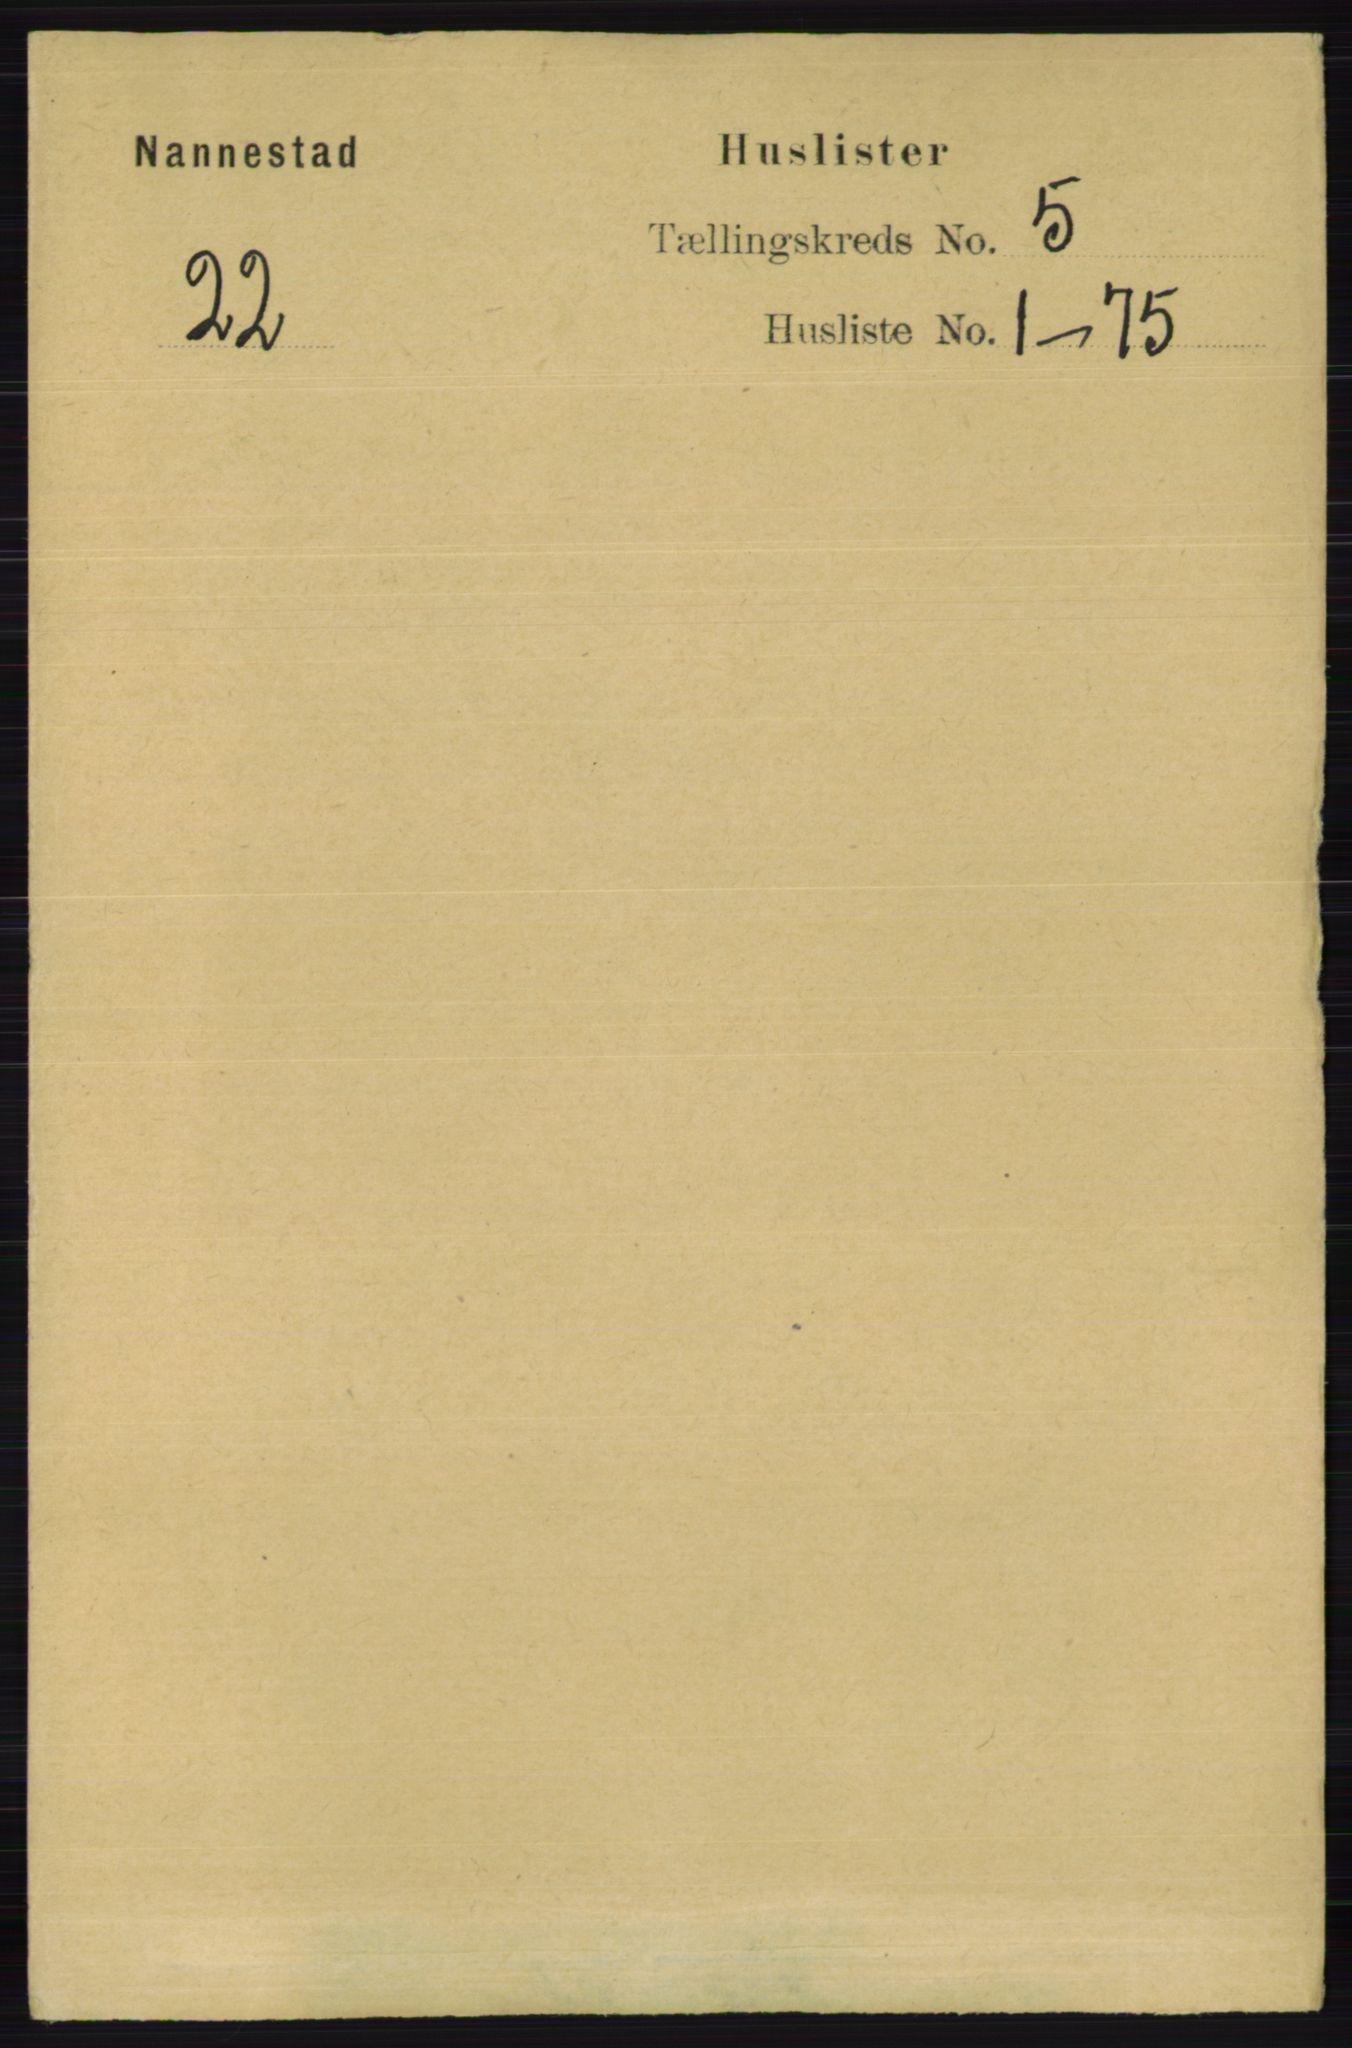 RA, Folketelling 1891 for 0238 Nannestad herred, 1891, s. 2521